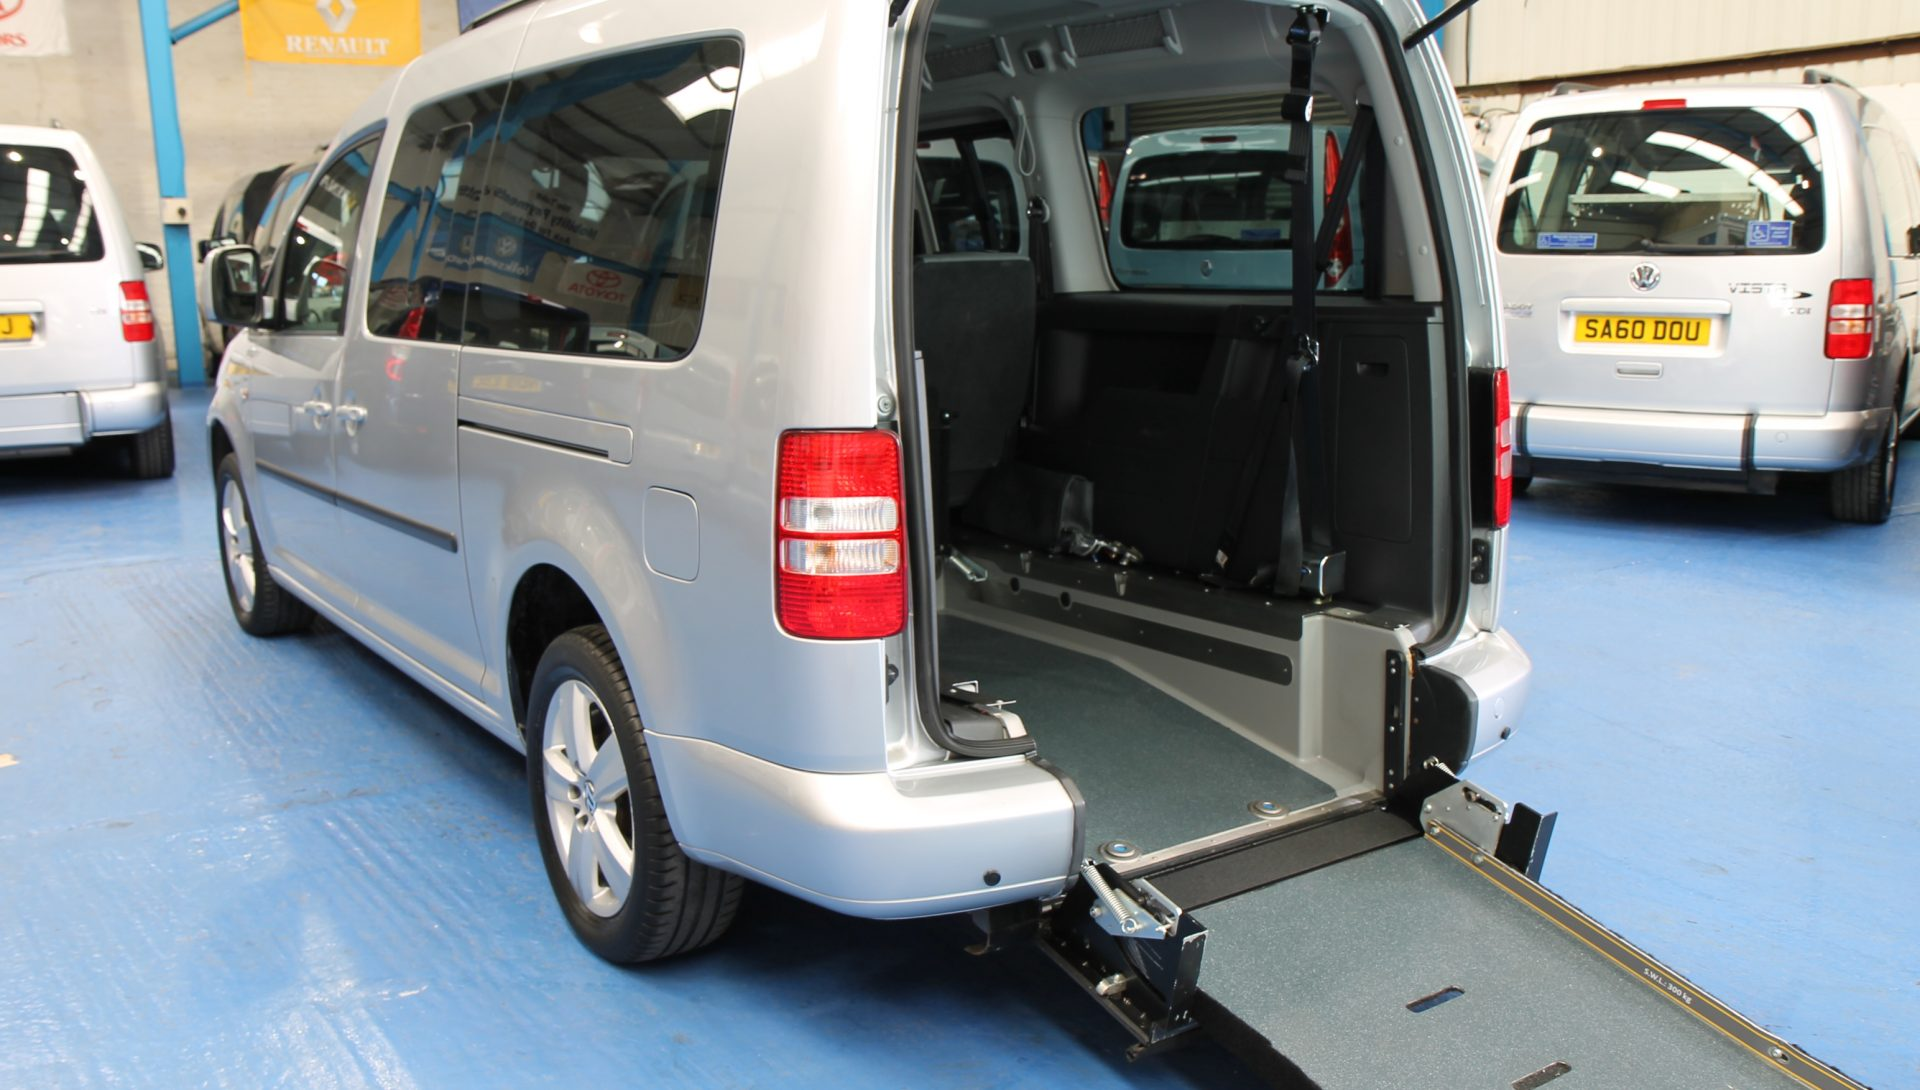 Caddy Wheelchair cars Sj60 ylw